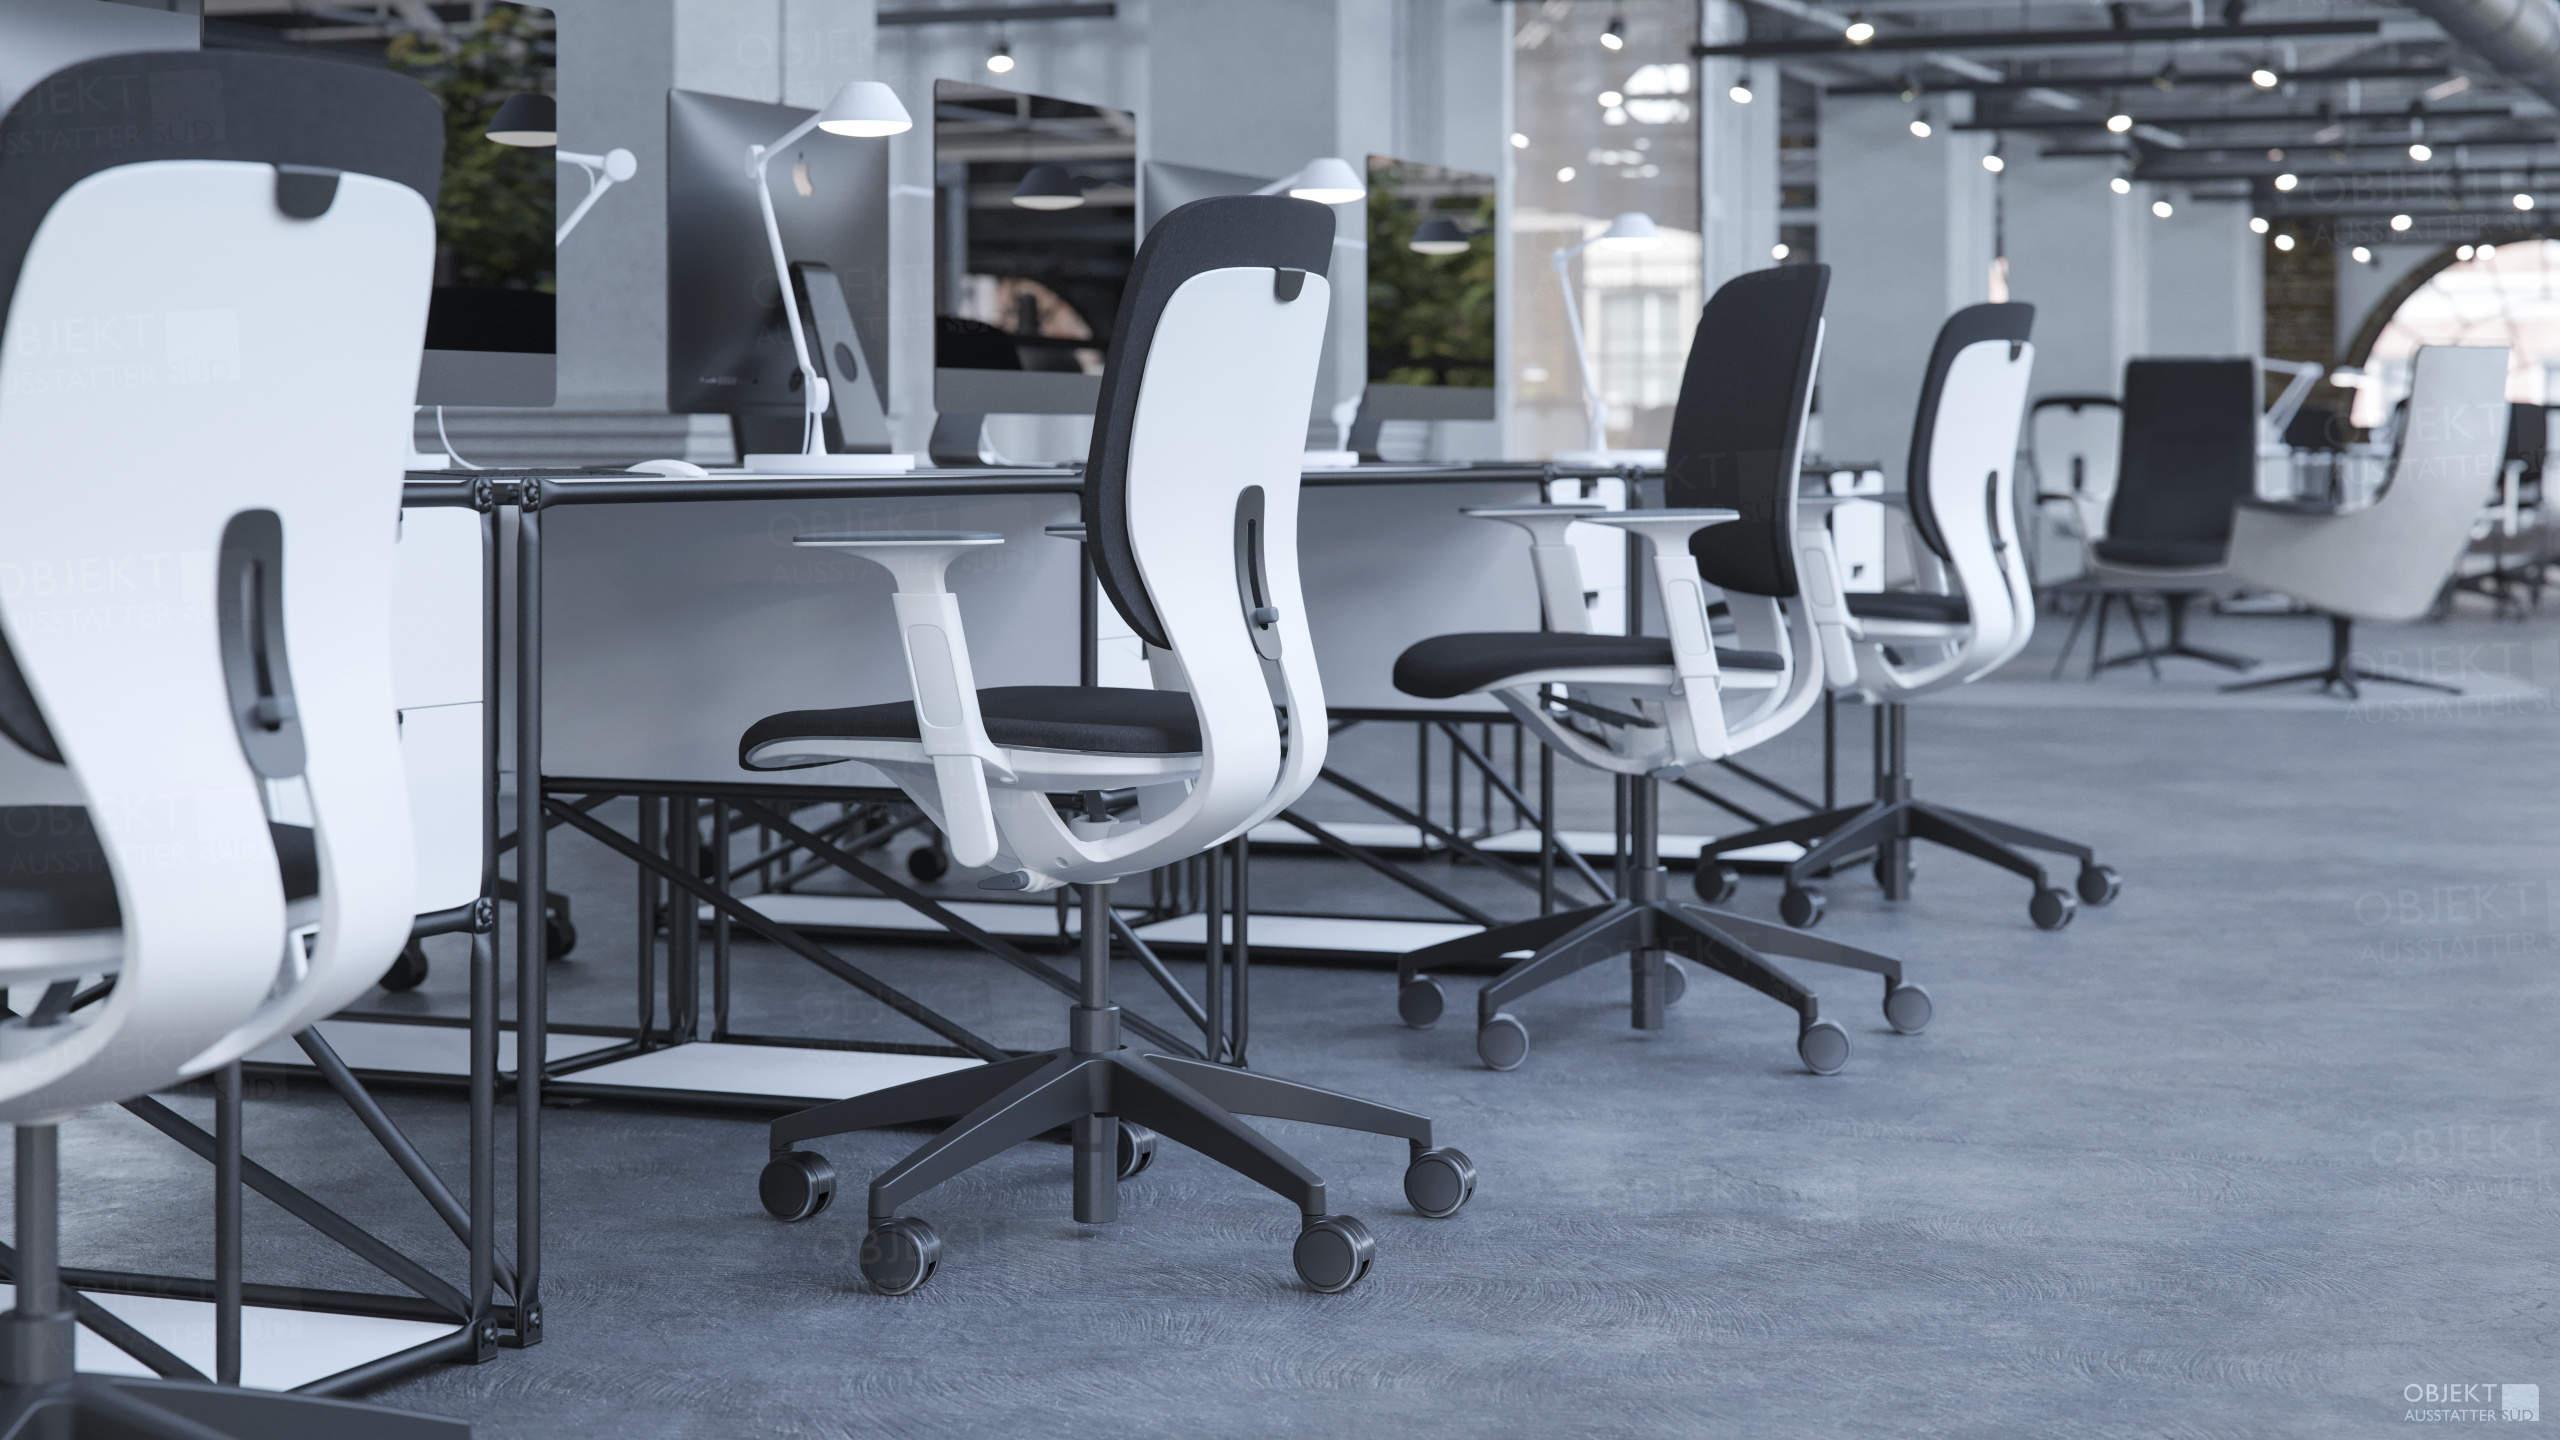 Modernes Großraumbüro zeitgemäß eingerichtet von den Objektausstattern Süd!